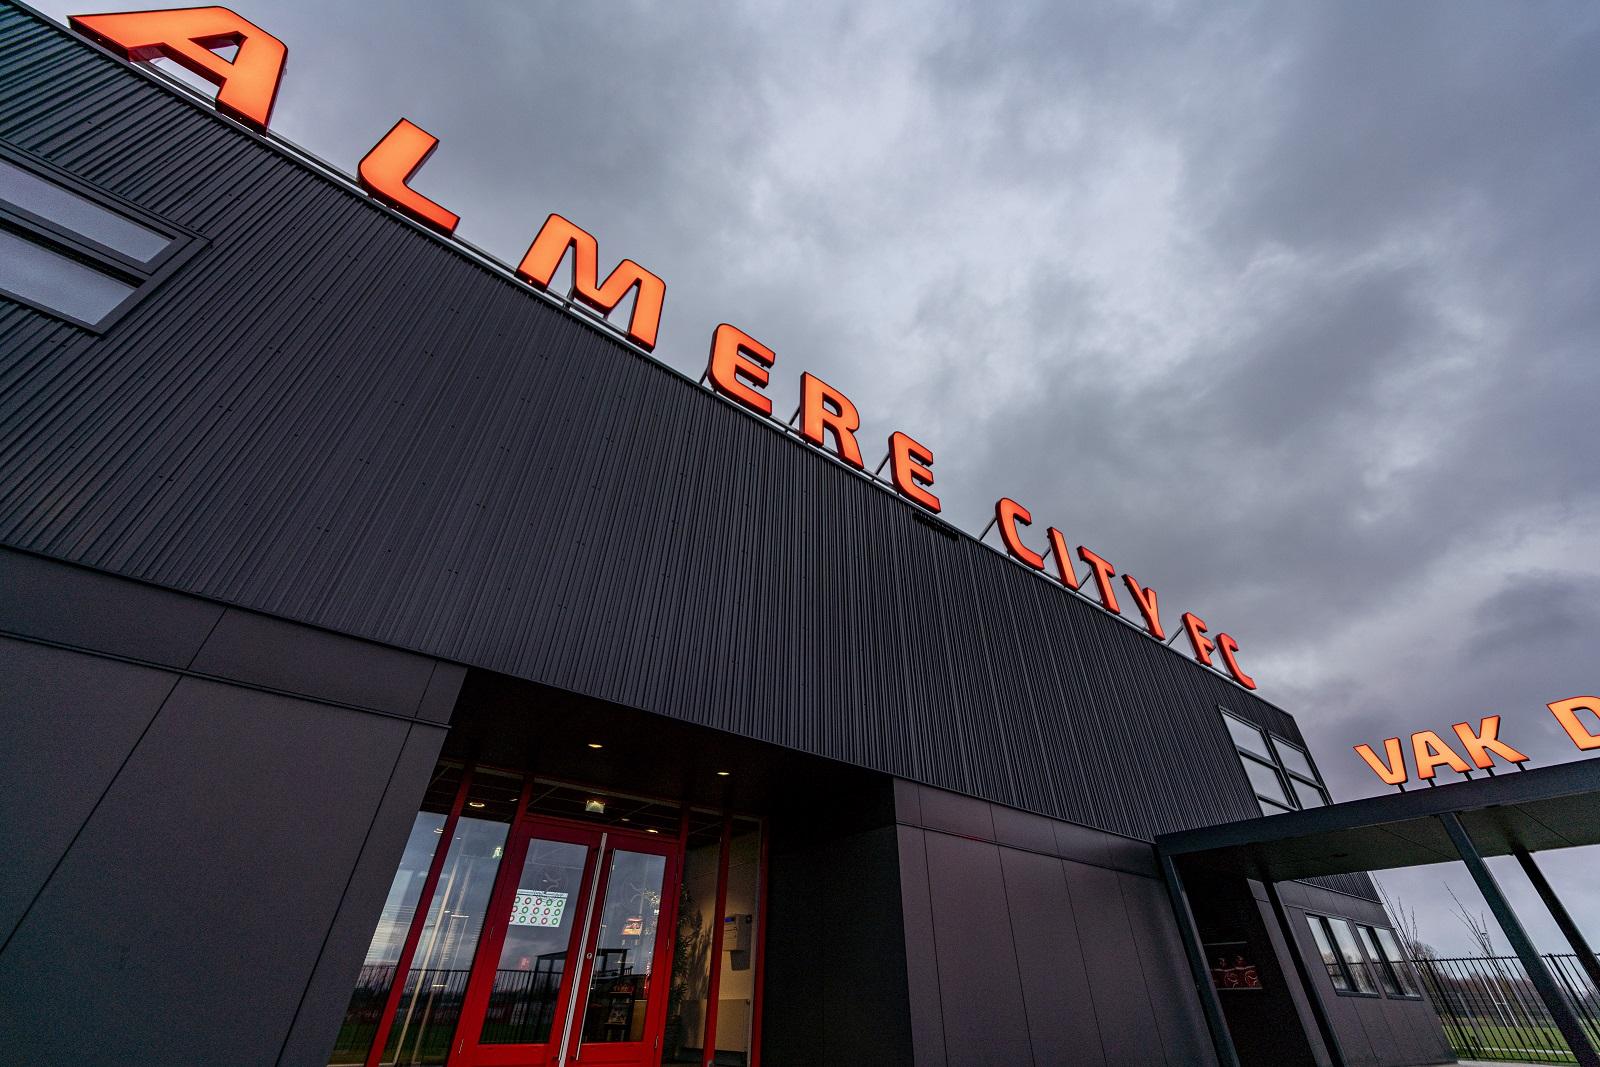 Tussenring na duel Jong PSV gesloten: houd rekening met vertraging